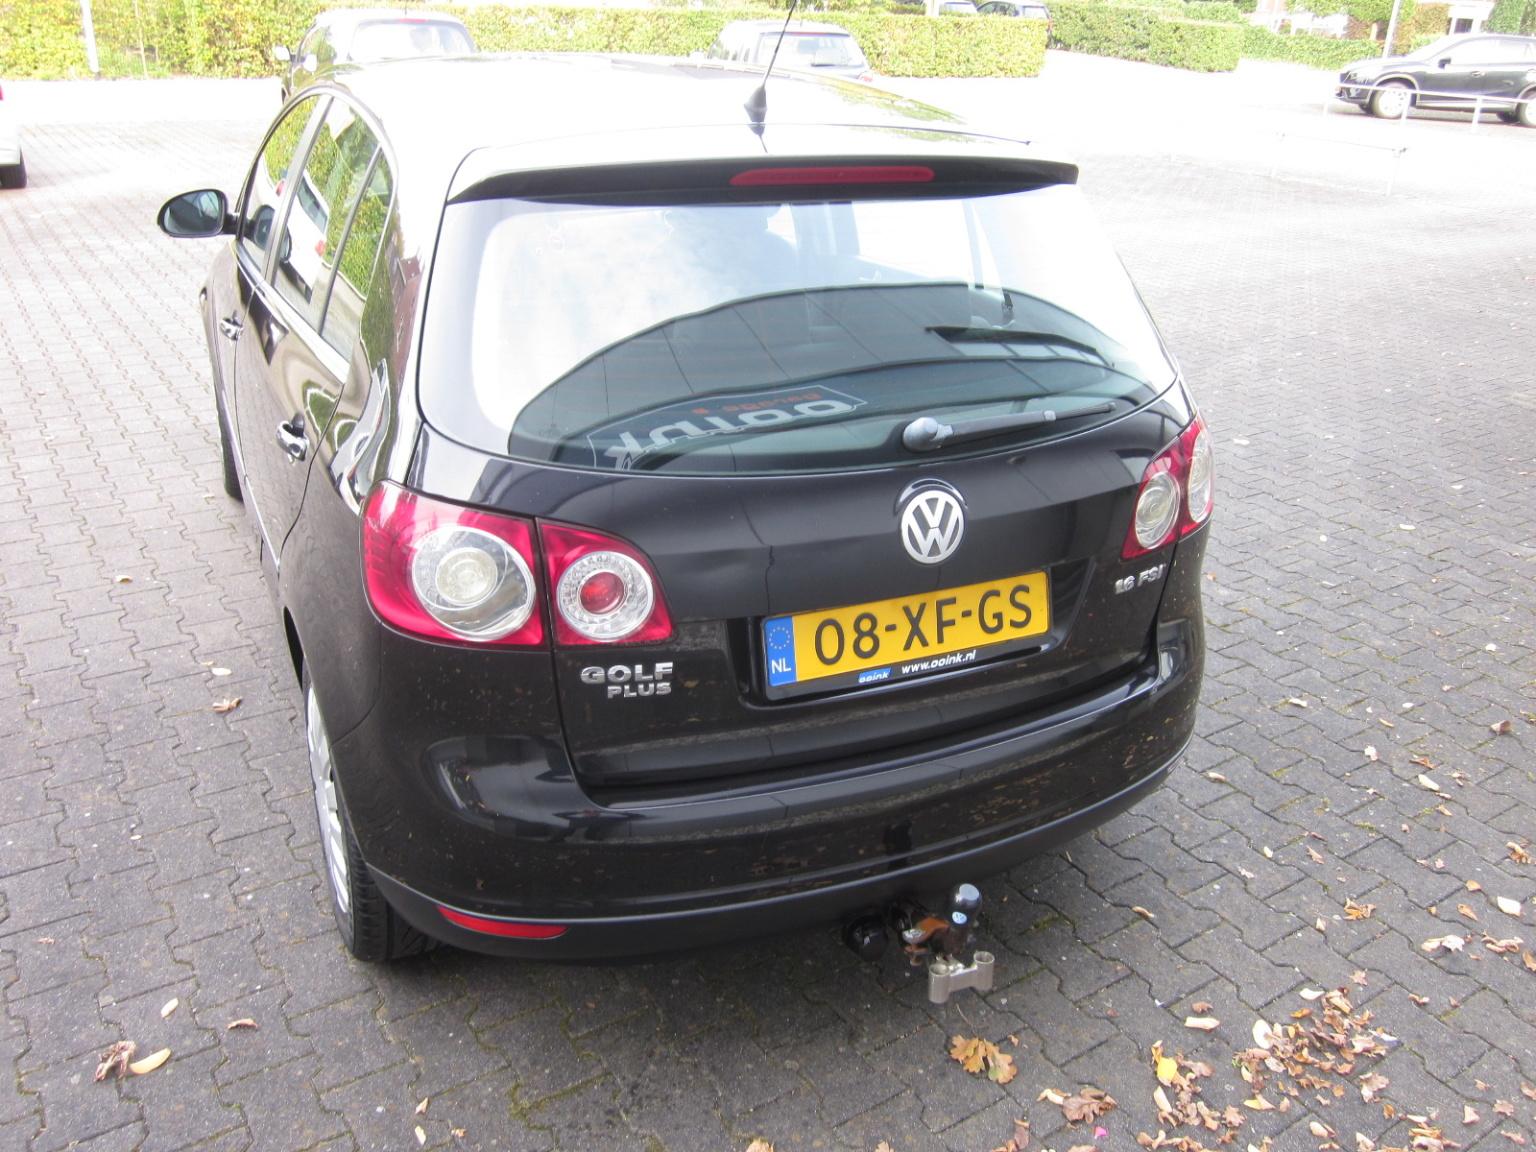 Volkswagen-Golf Plus-4